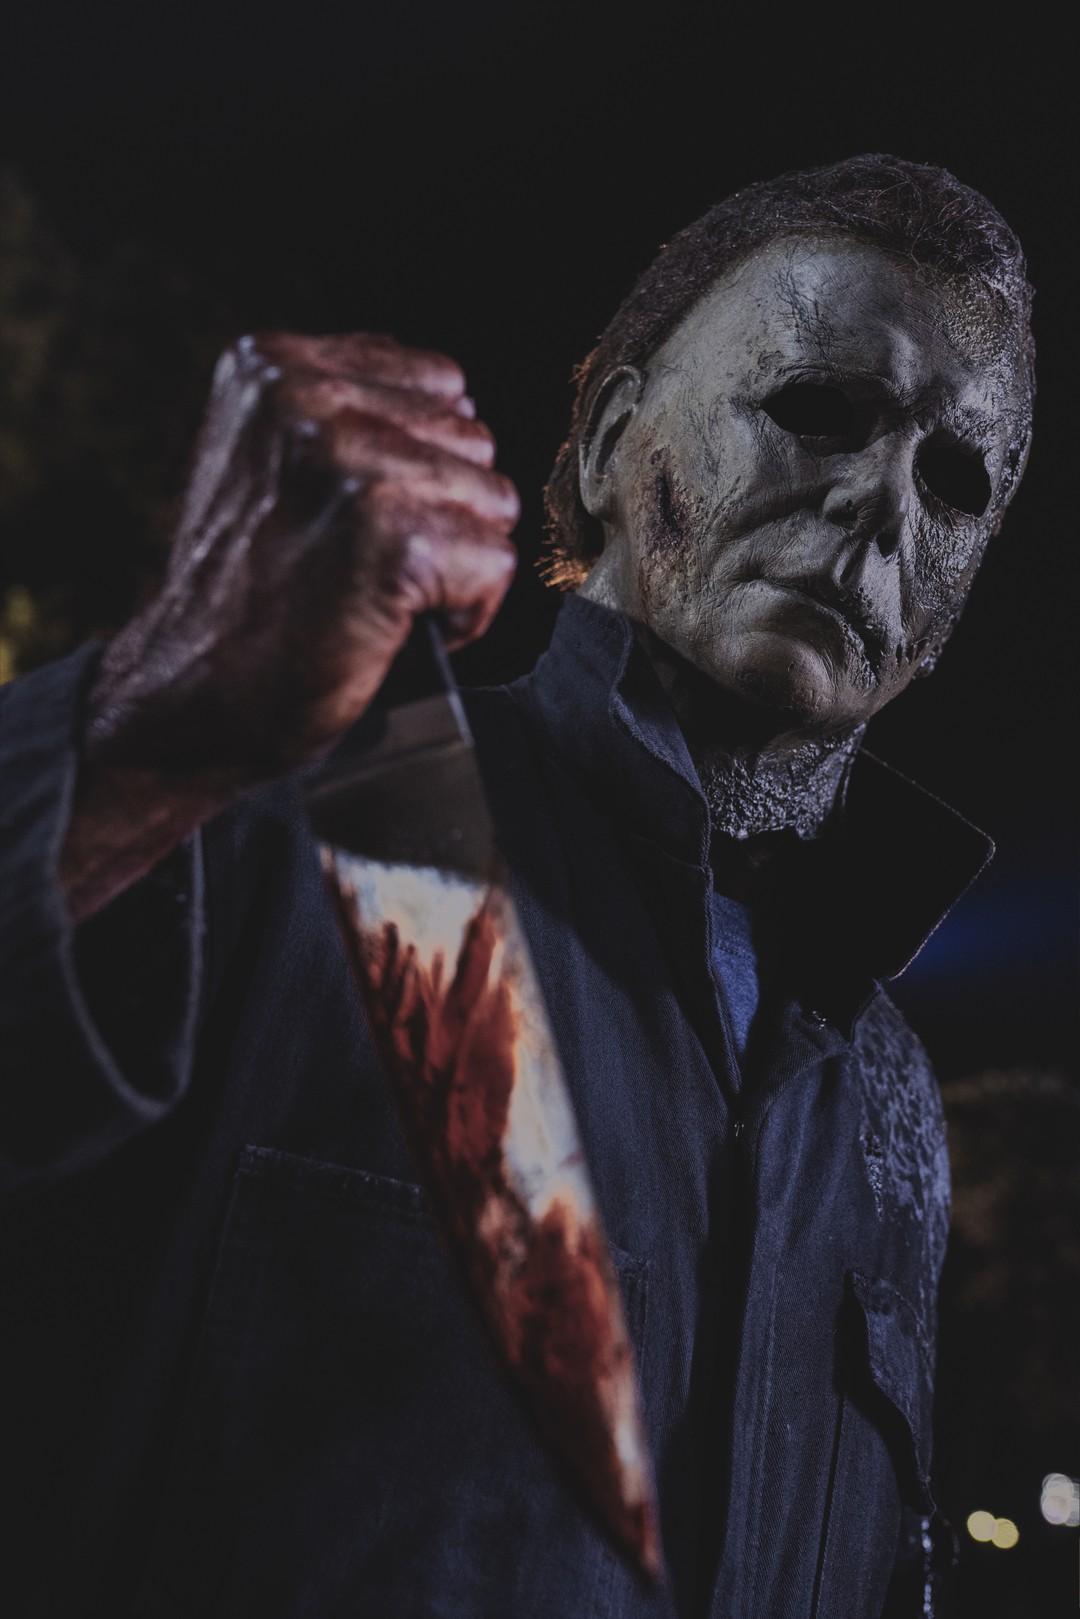 """FSK18-Freigabe für """"Halloween Kills"""" verspricht ein unzensiertes Horrorhighlight"""